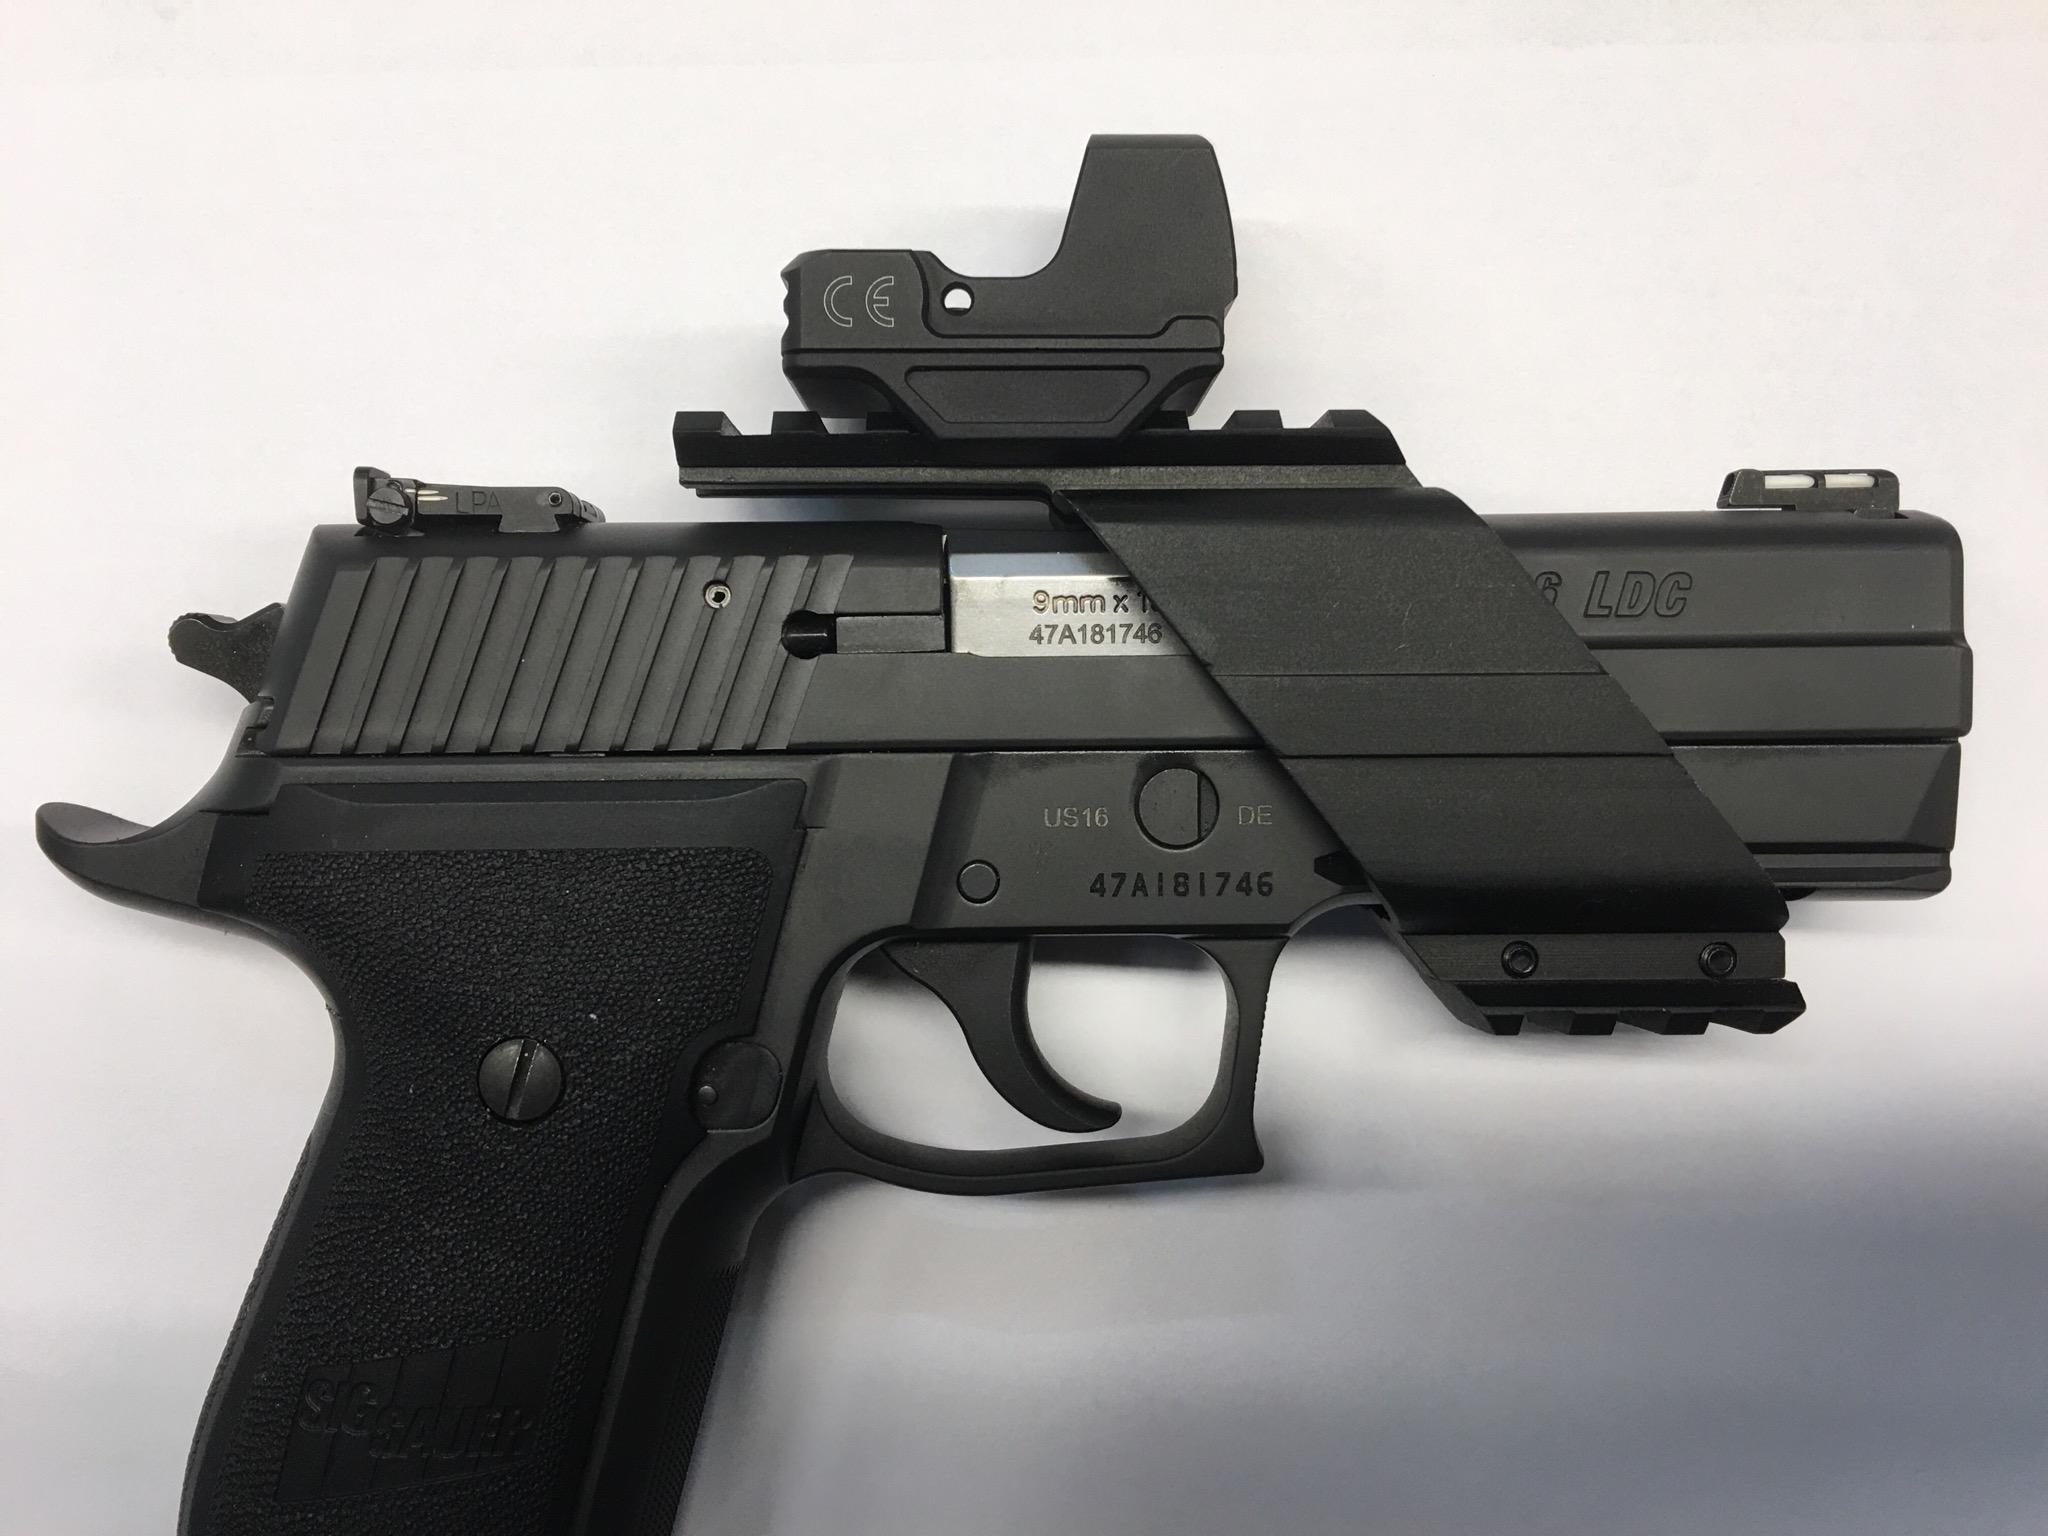 Montagebeispiel mit einer SIG 226 im Kaliber 9 mm Luger